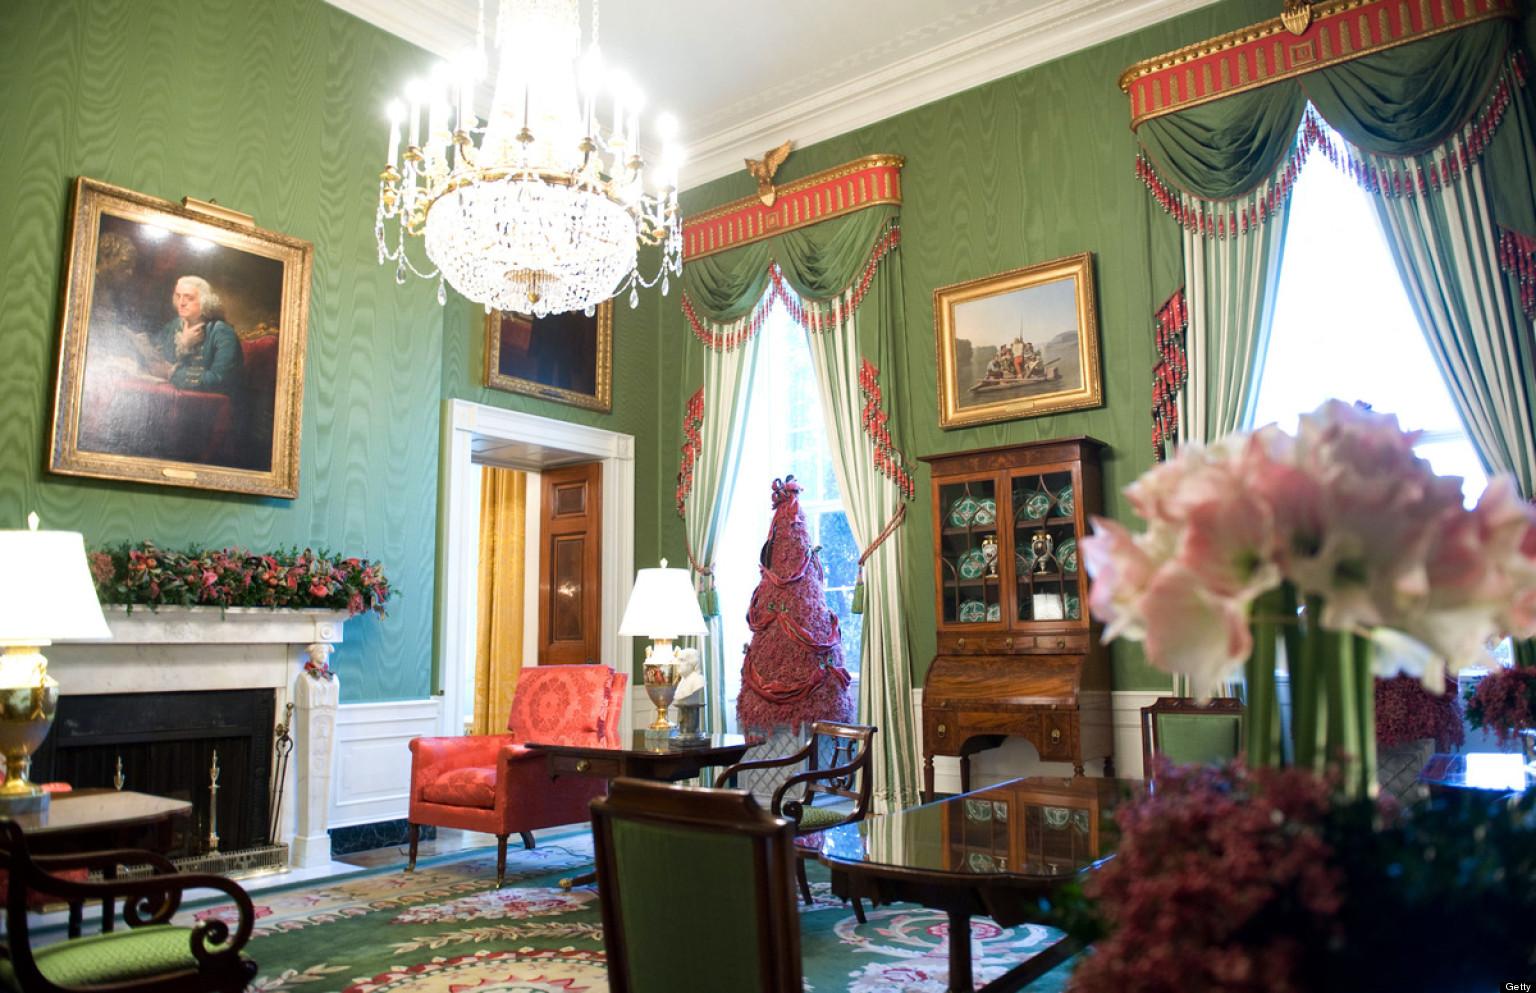 Adentro de la casa blanca habitaciones y decoraci n - Fotos de la casa blanca por fuera ...